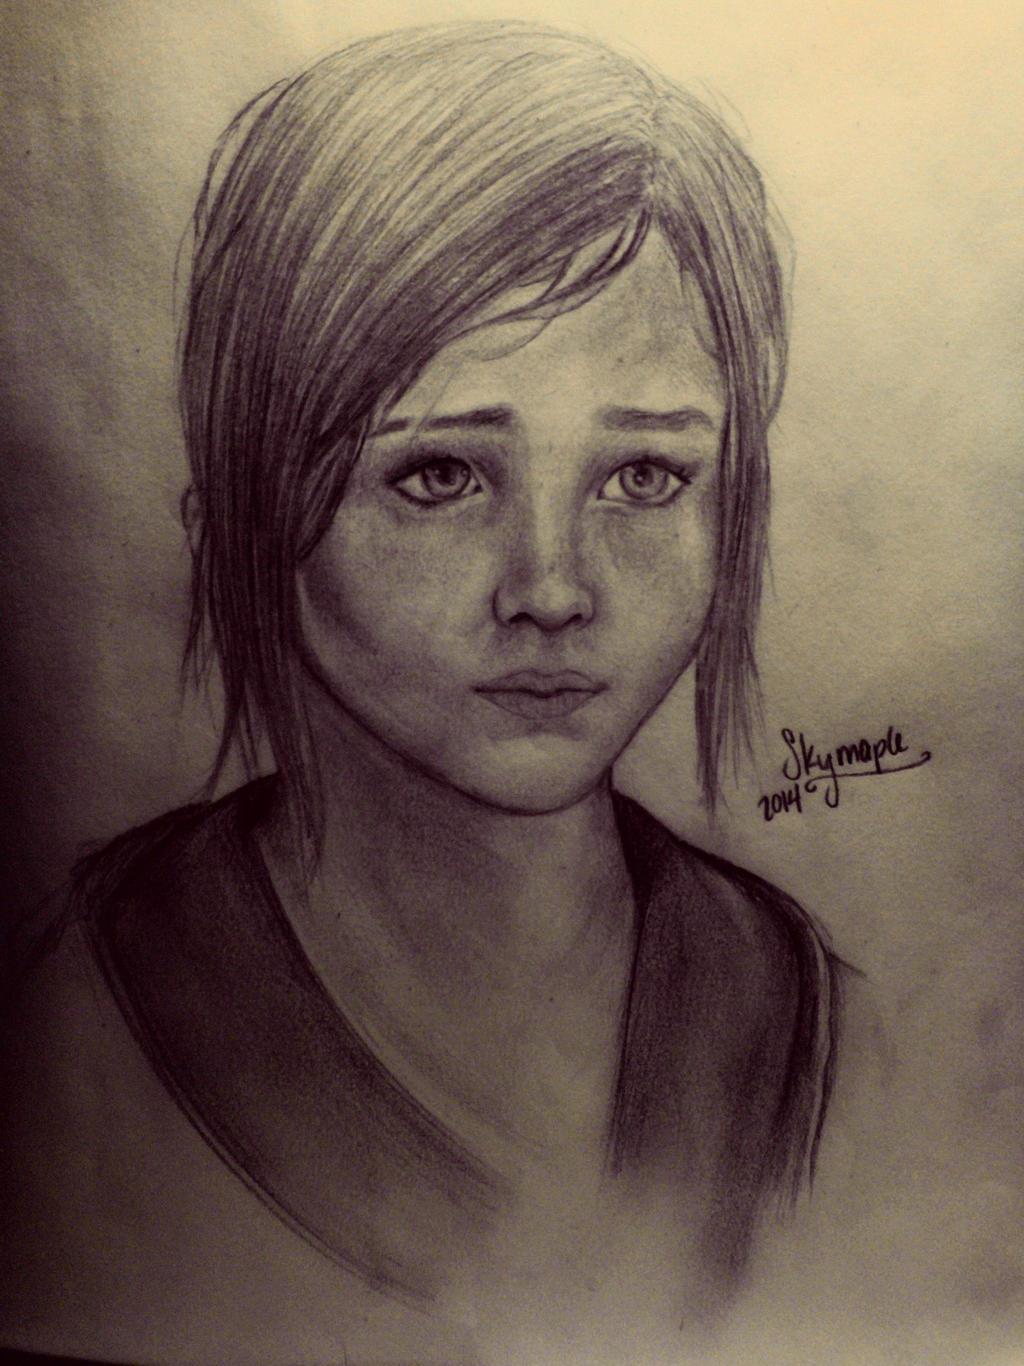 Ellie The Last Of Us Fanart By Skymaple On Deviantart